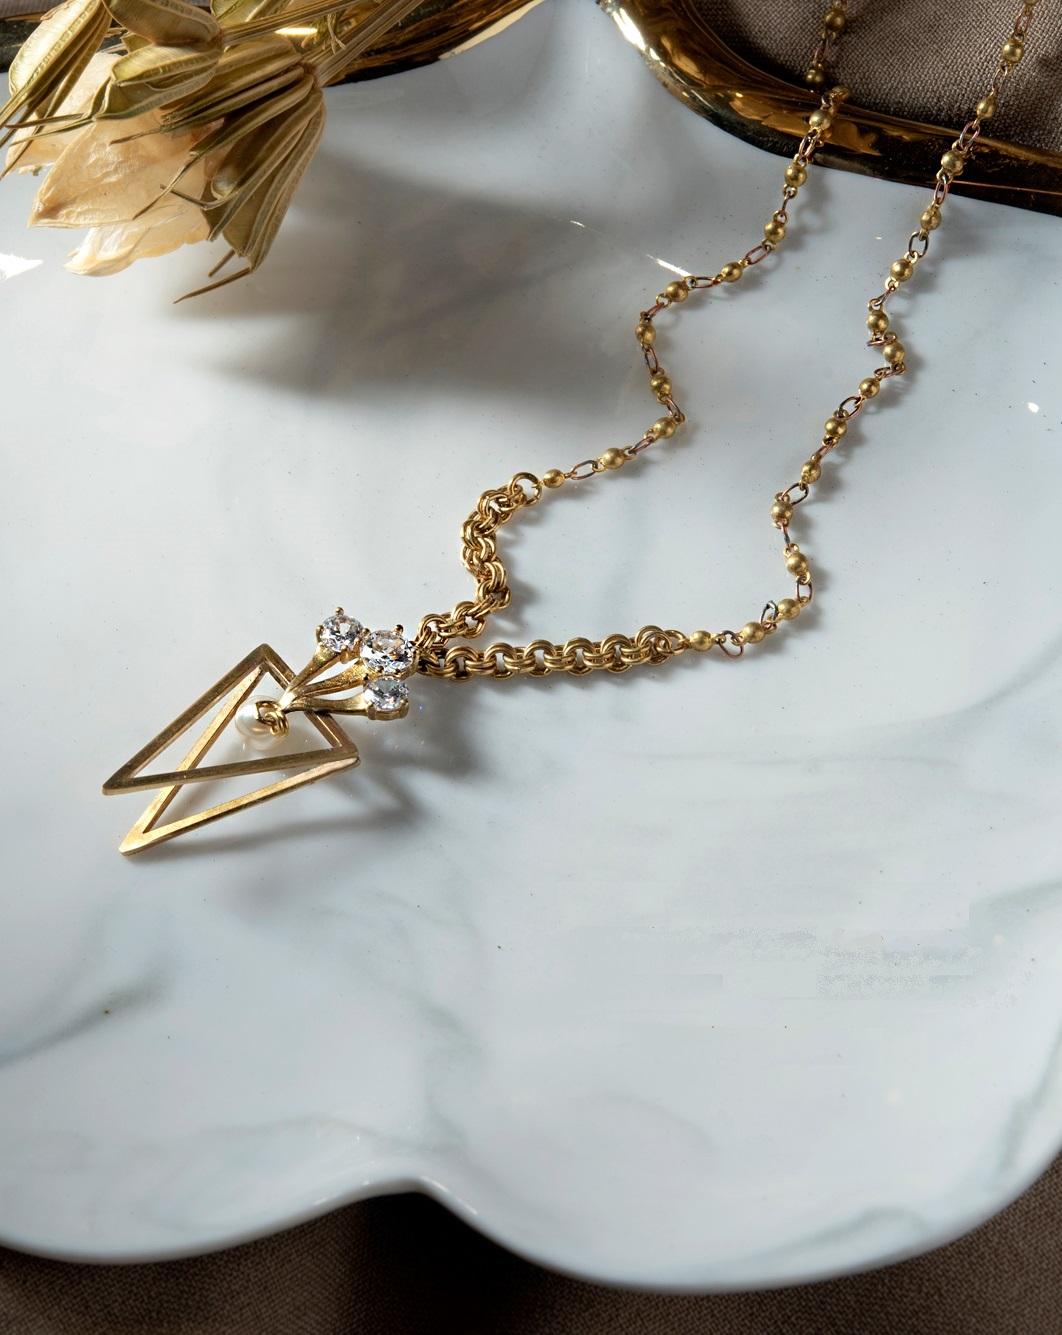 聖殿寶物項鍊